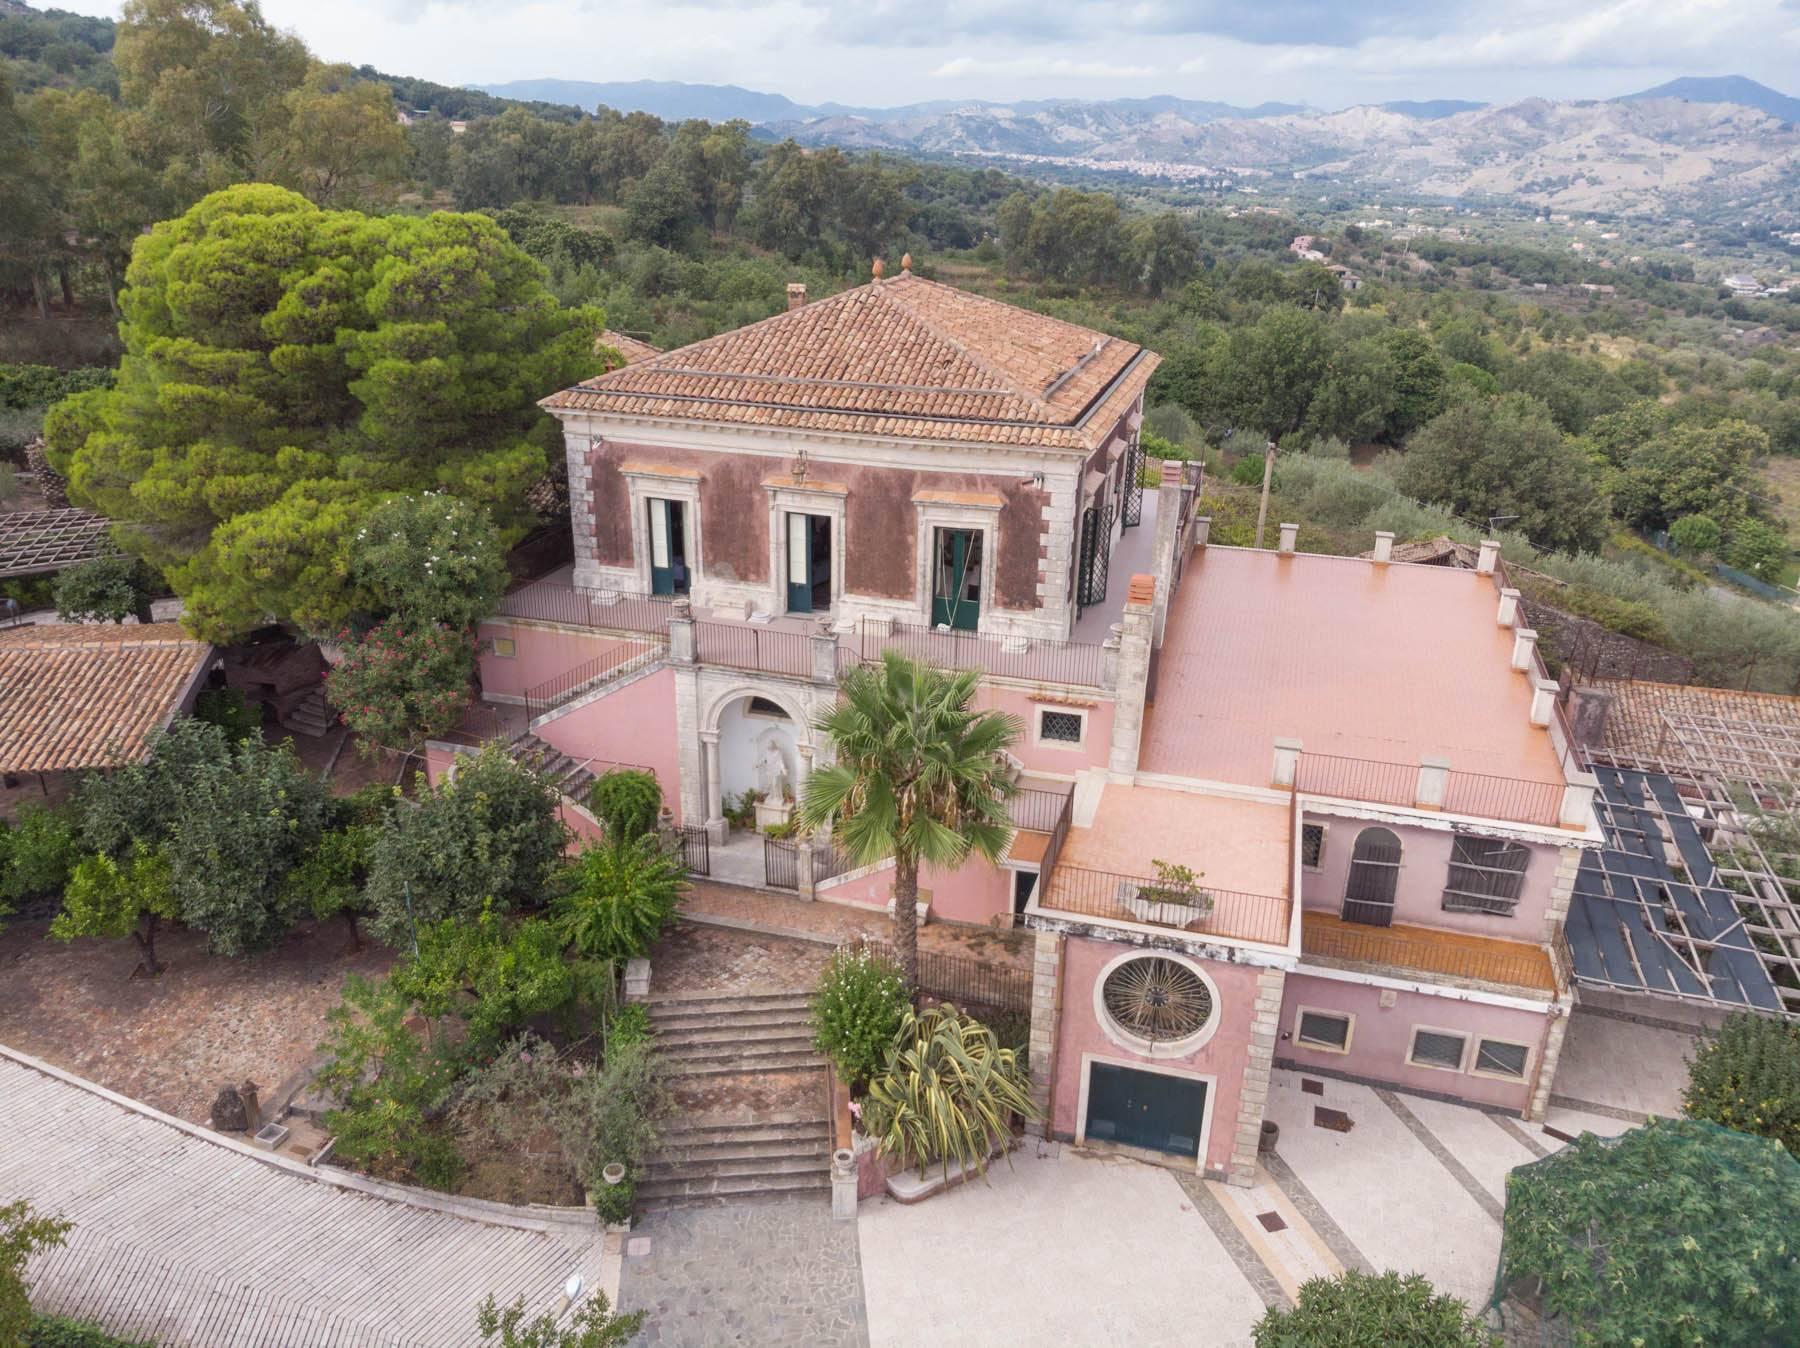 Villa padronale con terreno alle pendici dell'Etna - 1